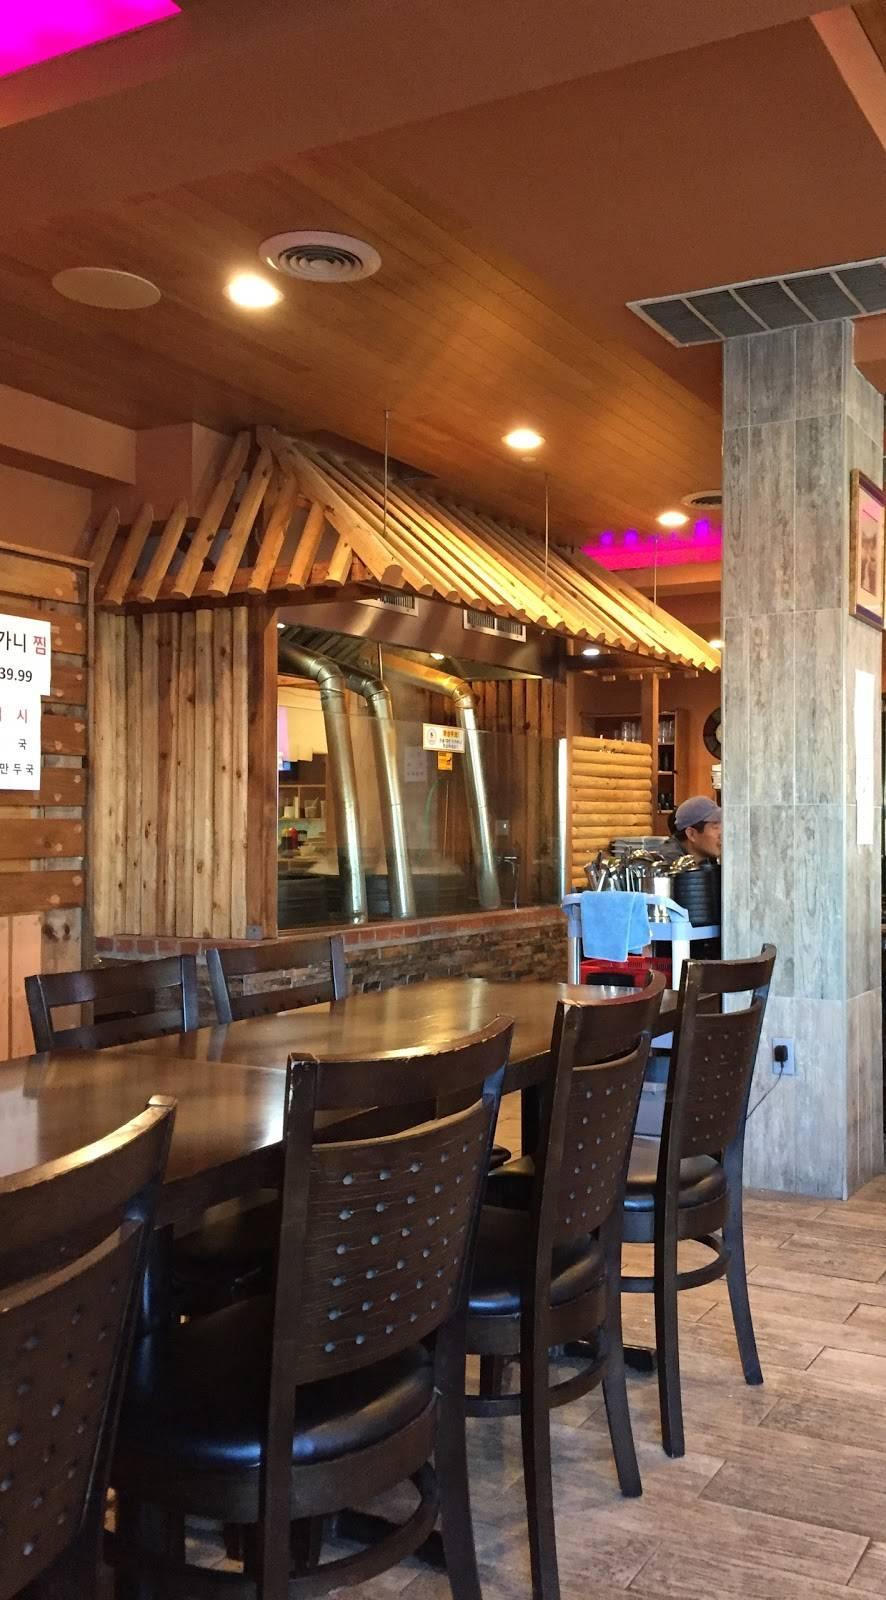 Tang Maru 탕마루   restaurant   500 10th St, Palisades Park, NJ 07650, USA   2014828744 OR +1 201-482-8744